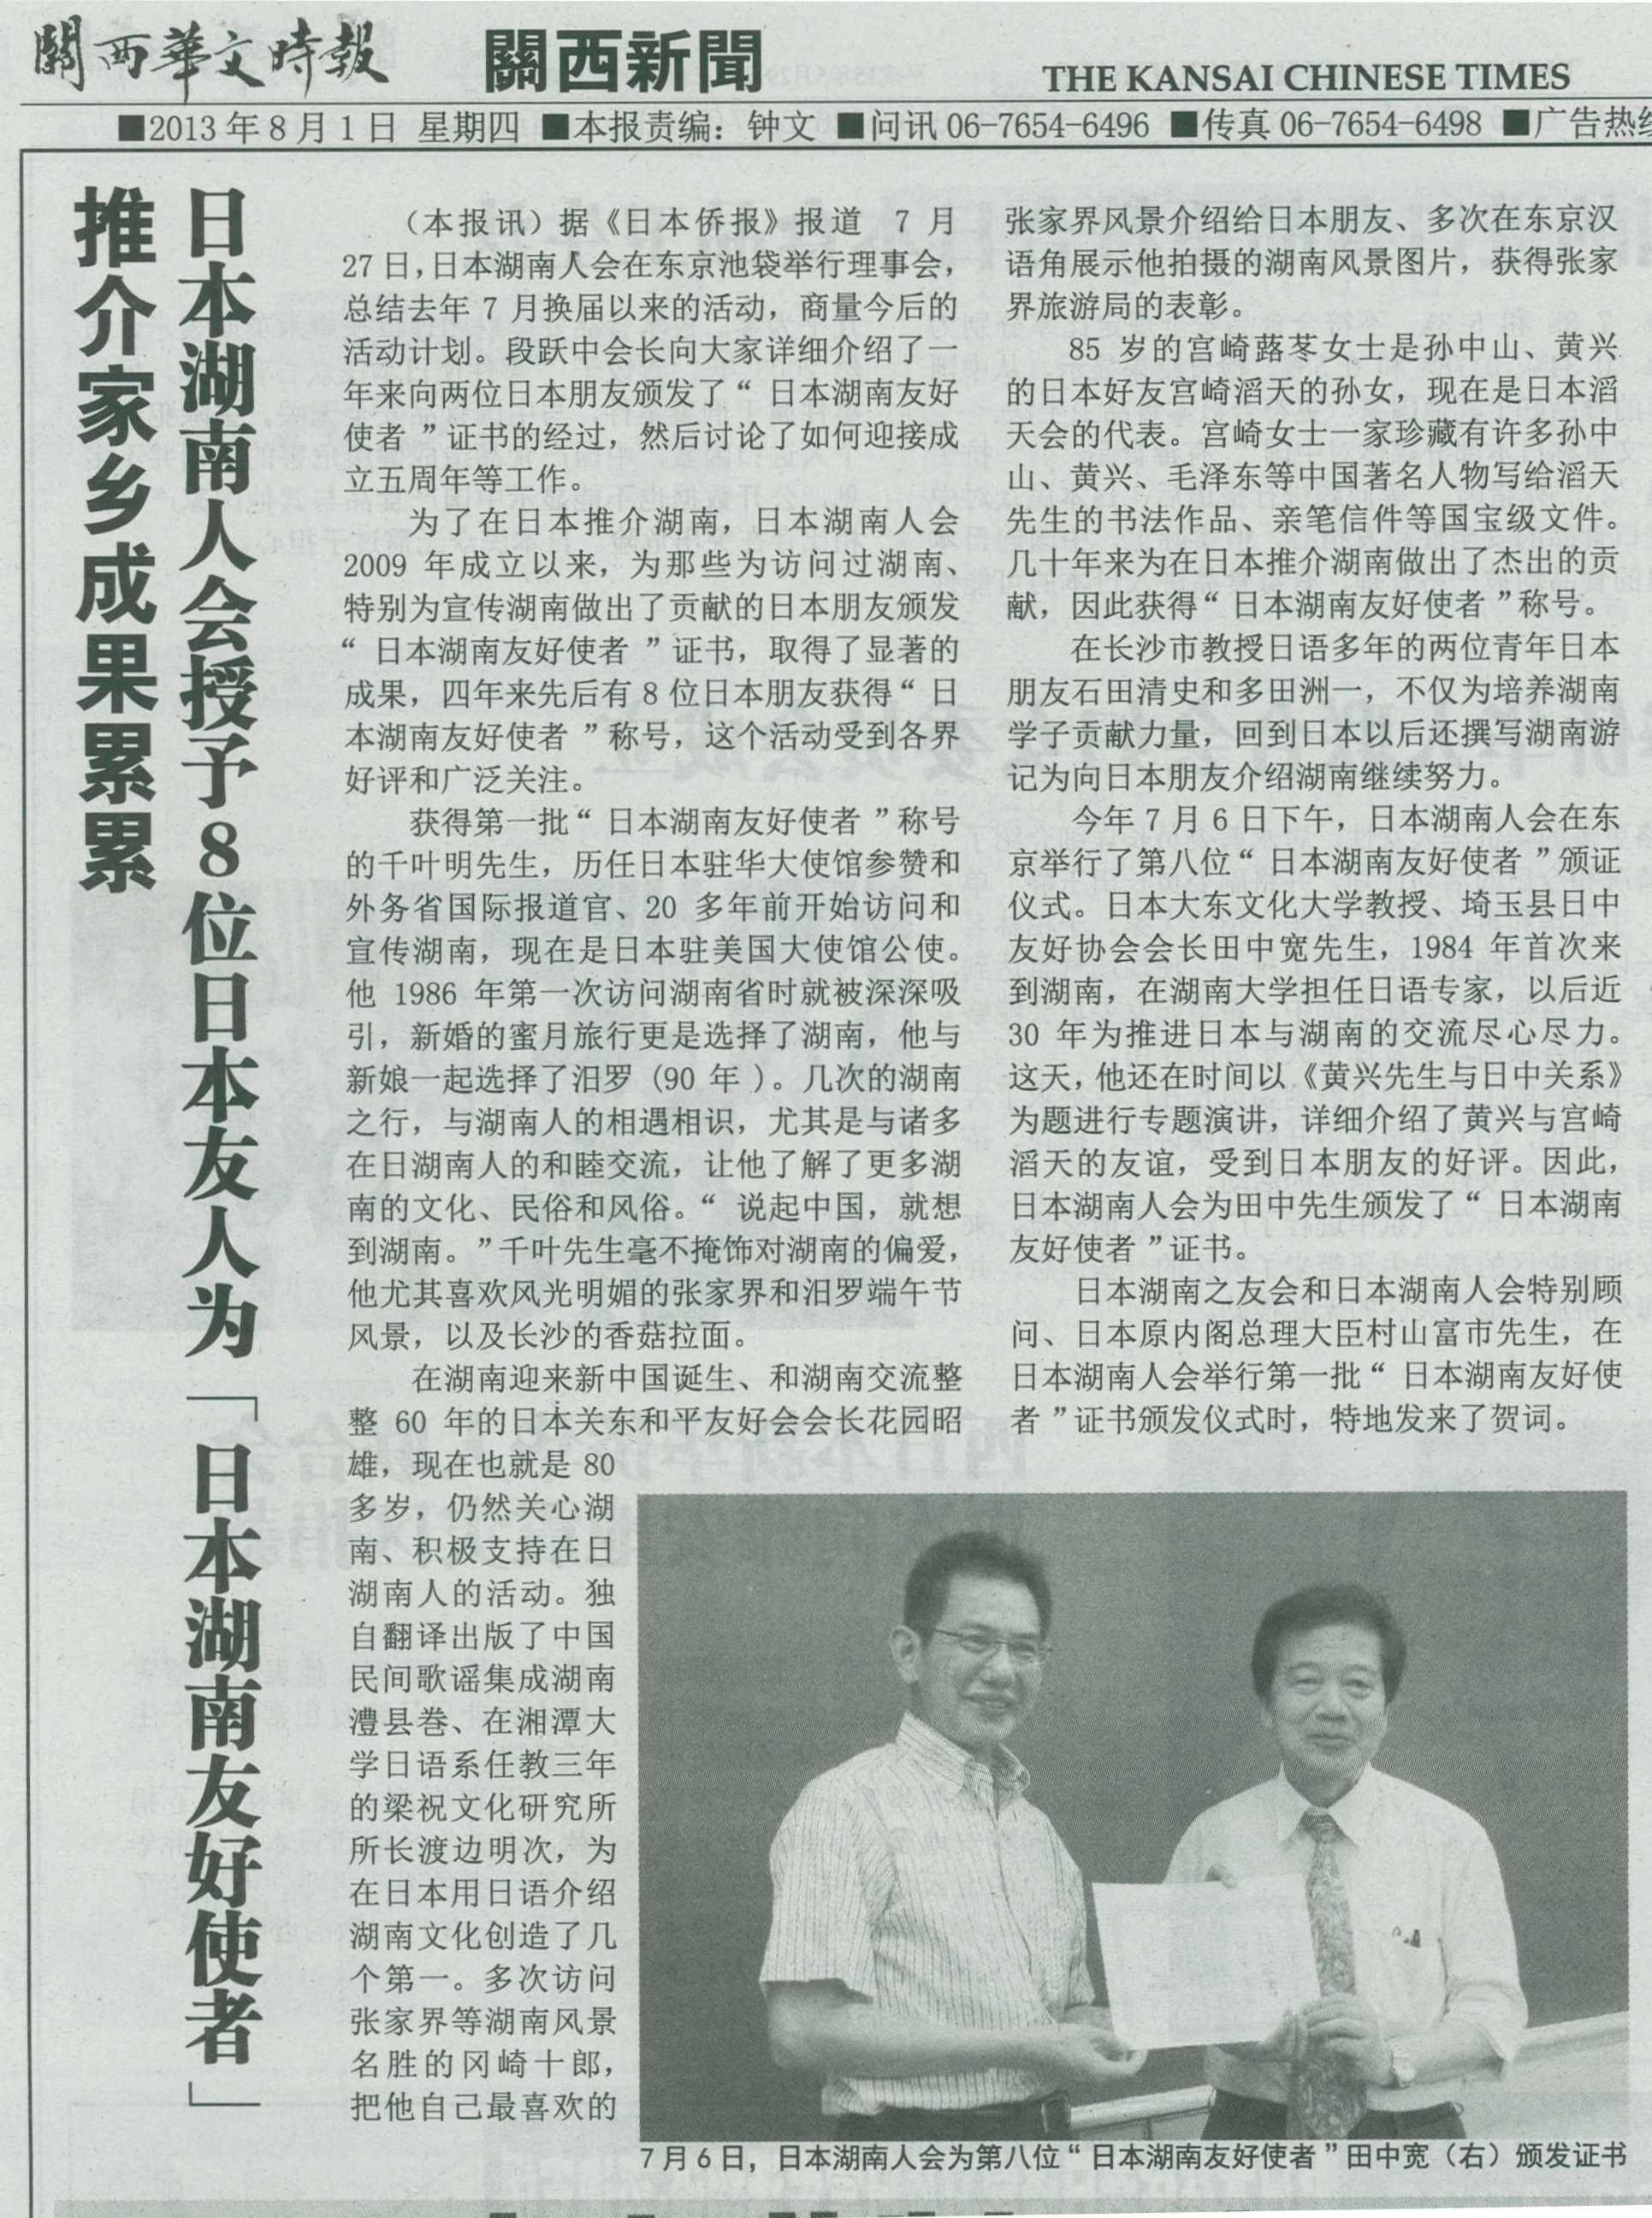 关西华文时报 最新号发表日本湖南人会 授予8位日本朋友为日本湖南友好使者报道_d0027795_12523419.jpg